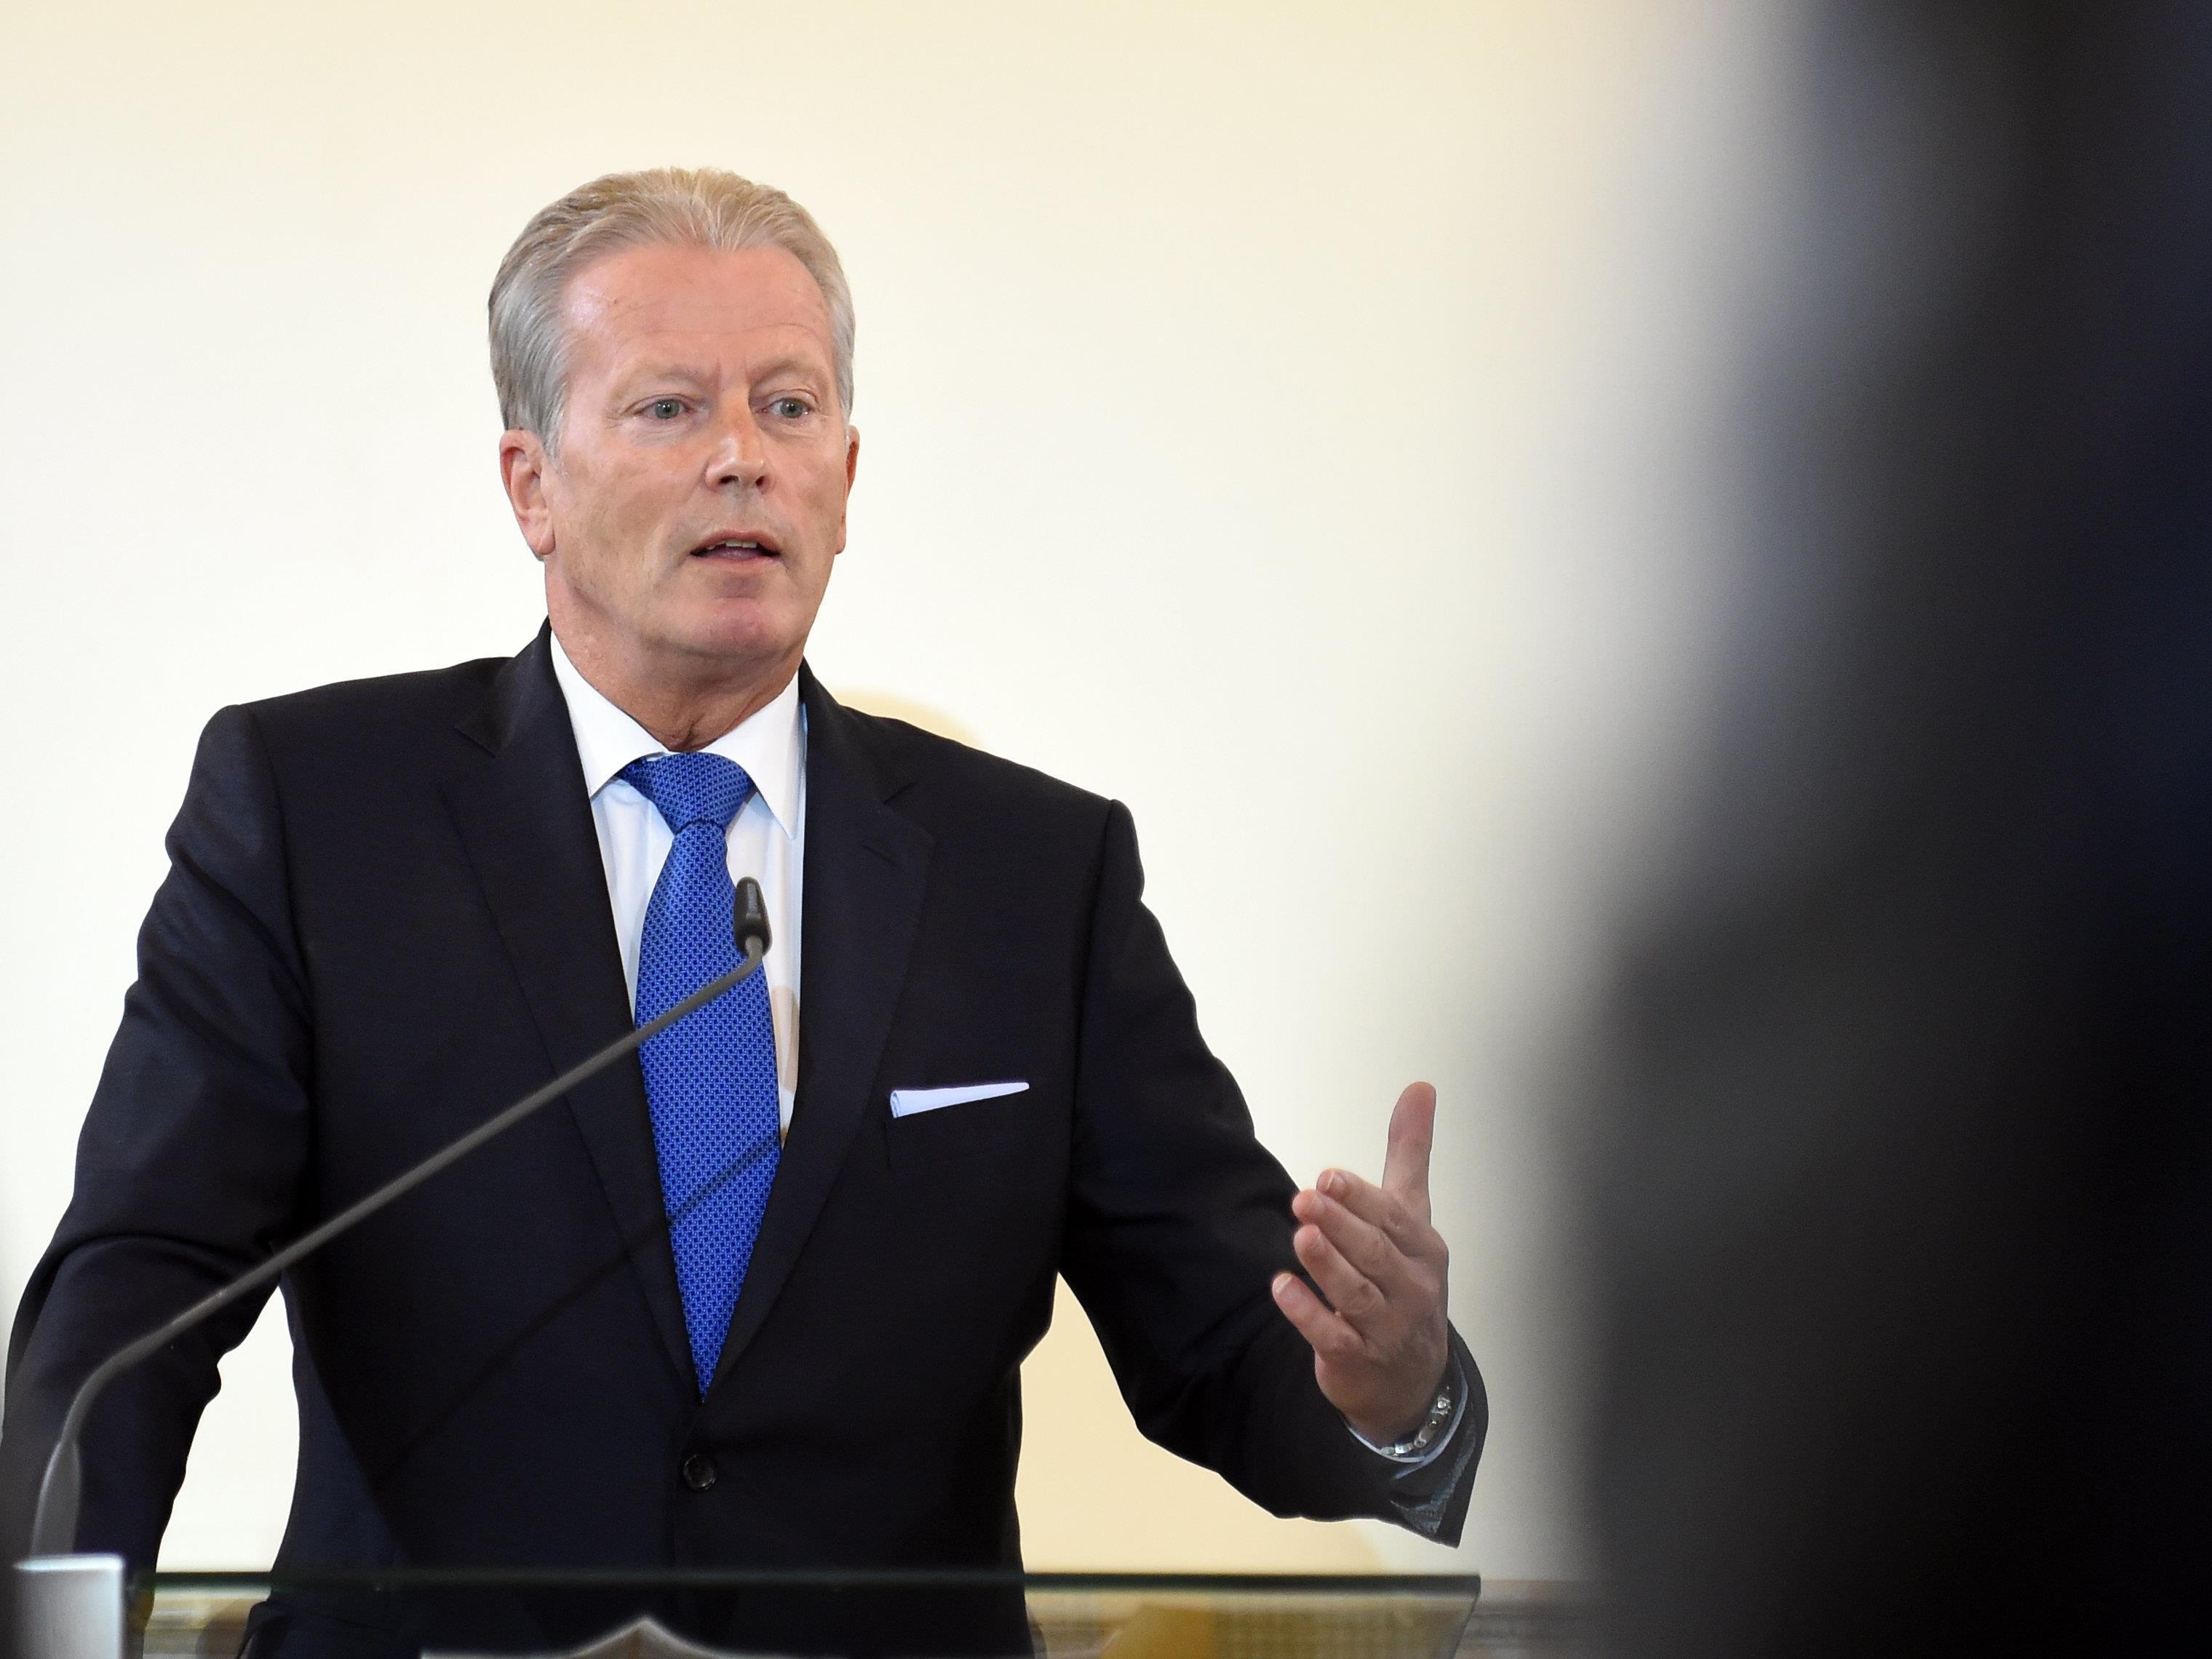 Vizekanzler Mitterlehner sieht nach dem Rücktritt von Werner Faymann keinen Grund für Neuwahlen.